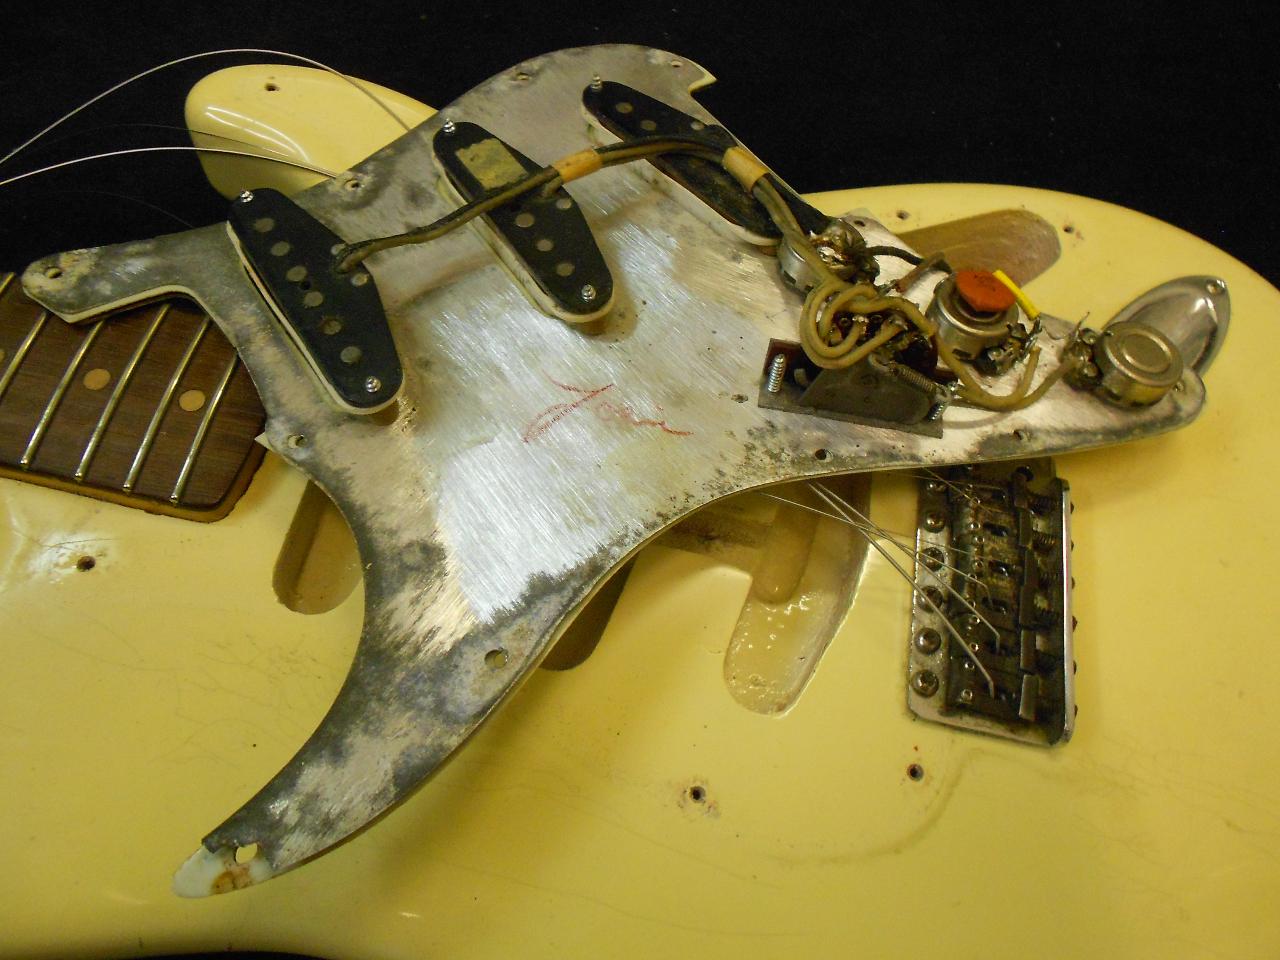 Fender Stratocaster 1963 potentiometer